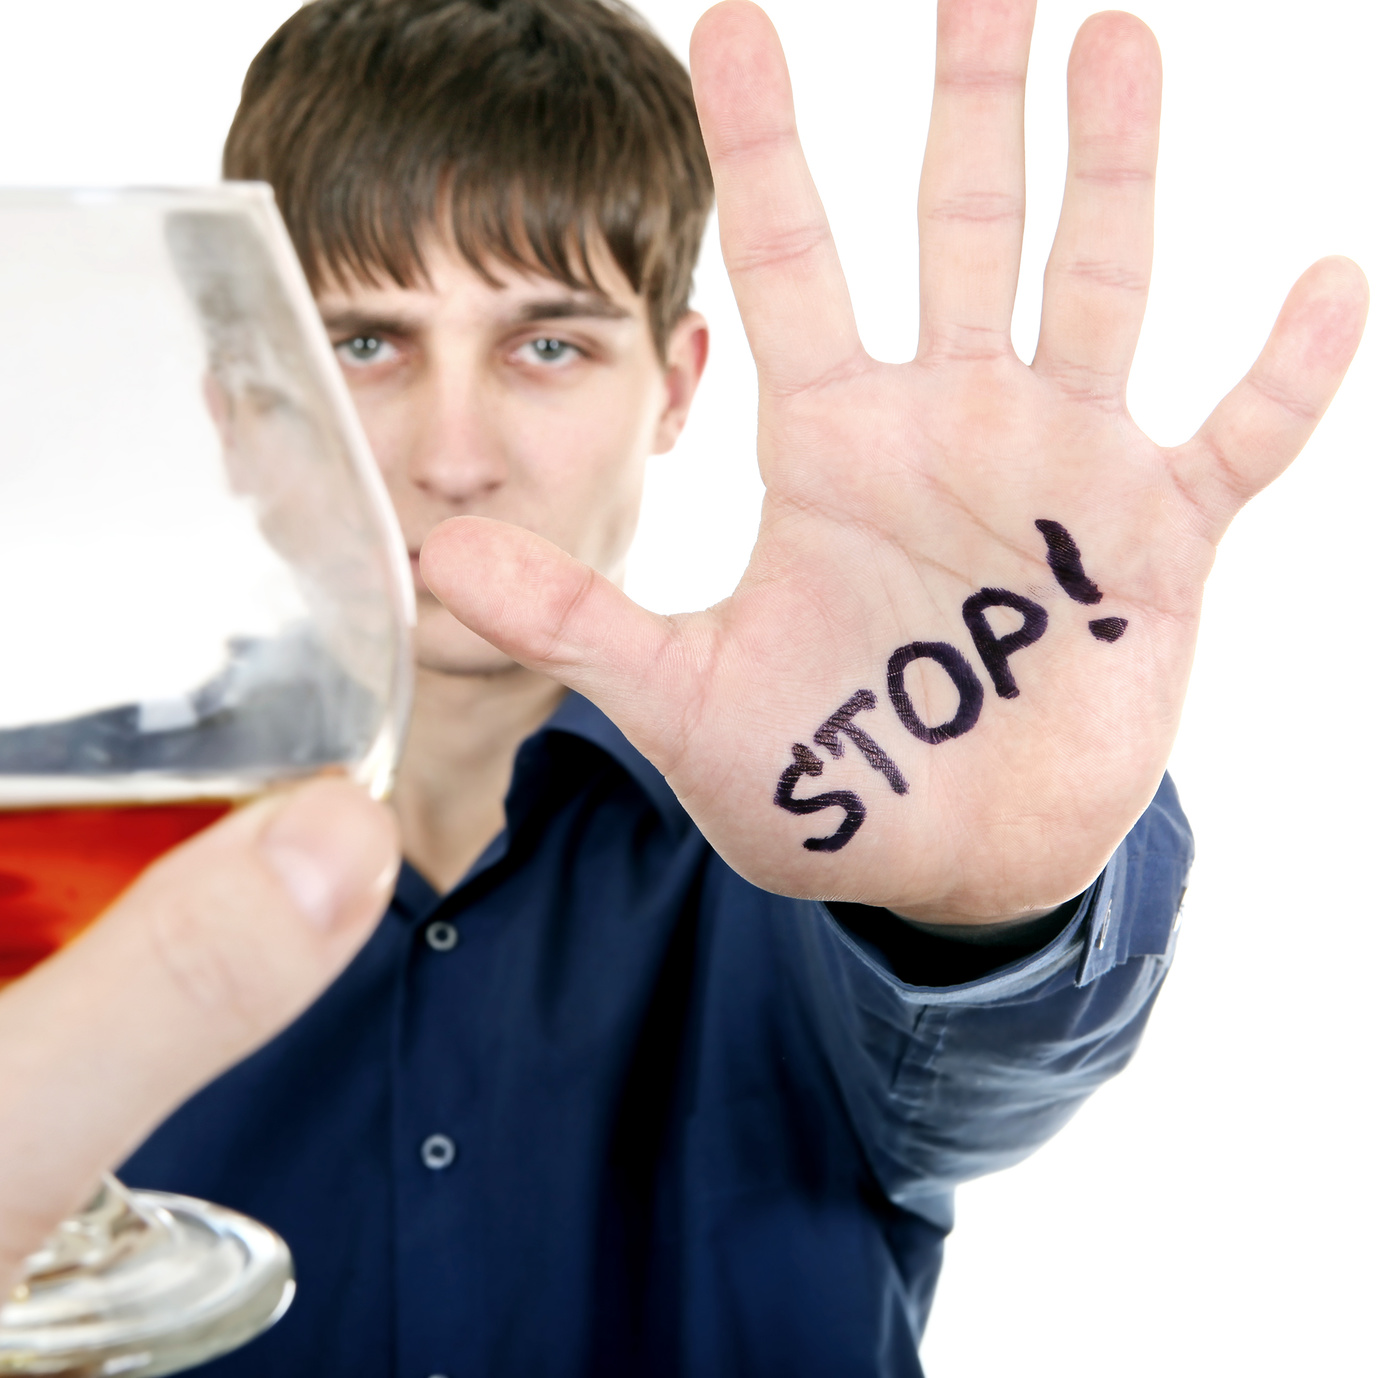 Как самому избавиться от алкогольной зависимости